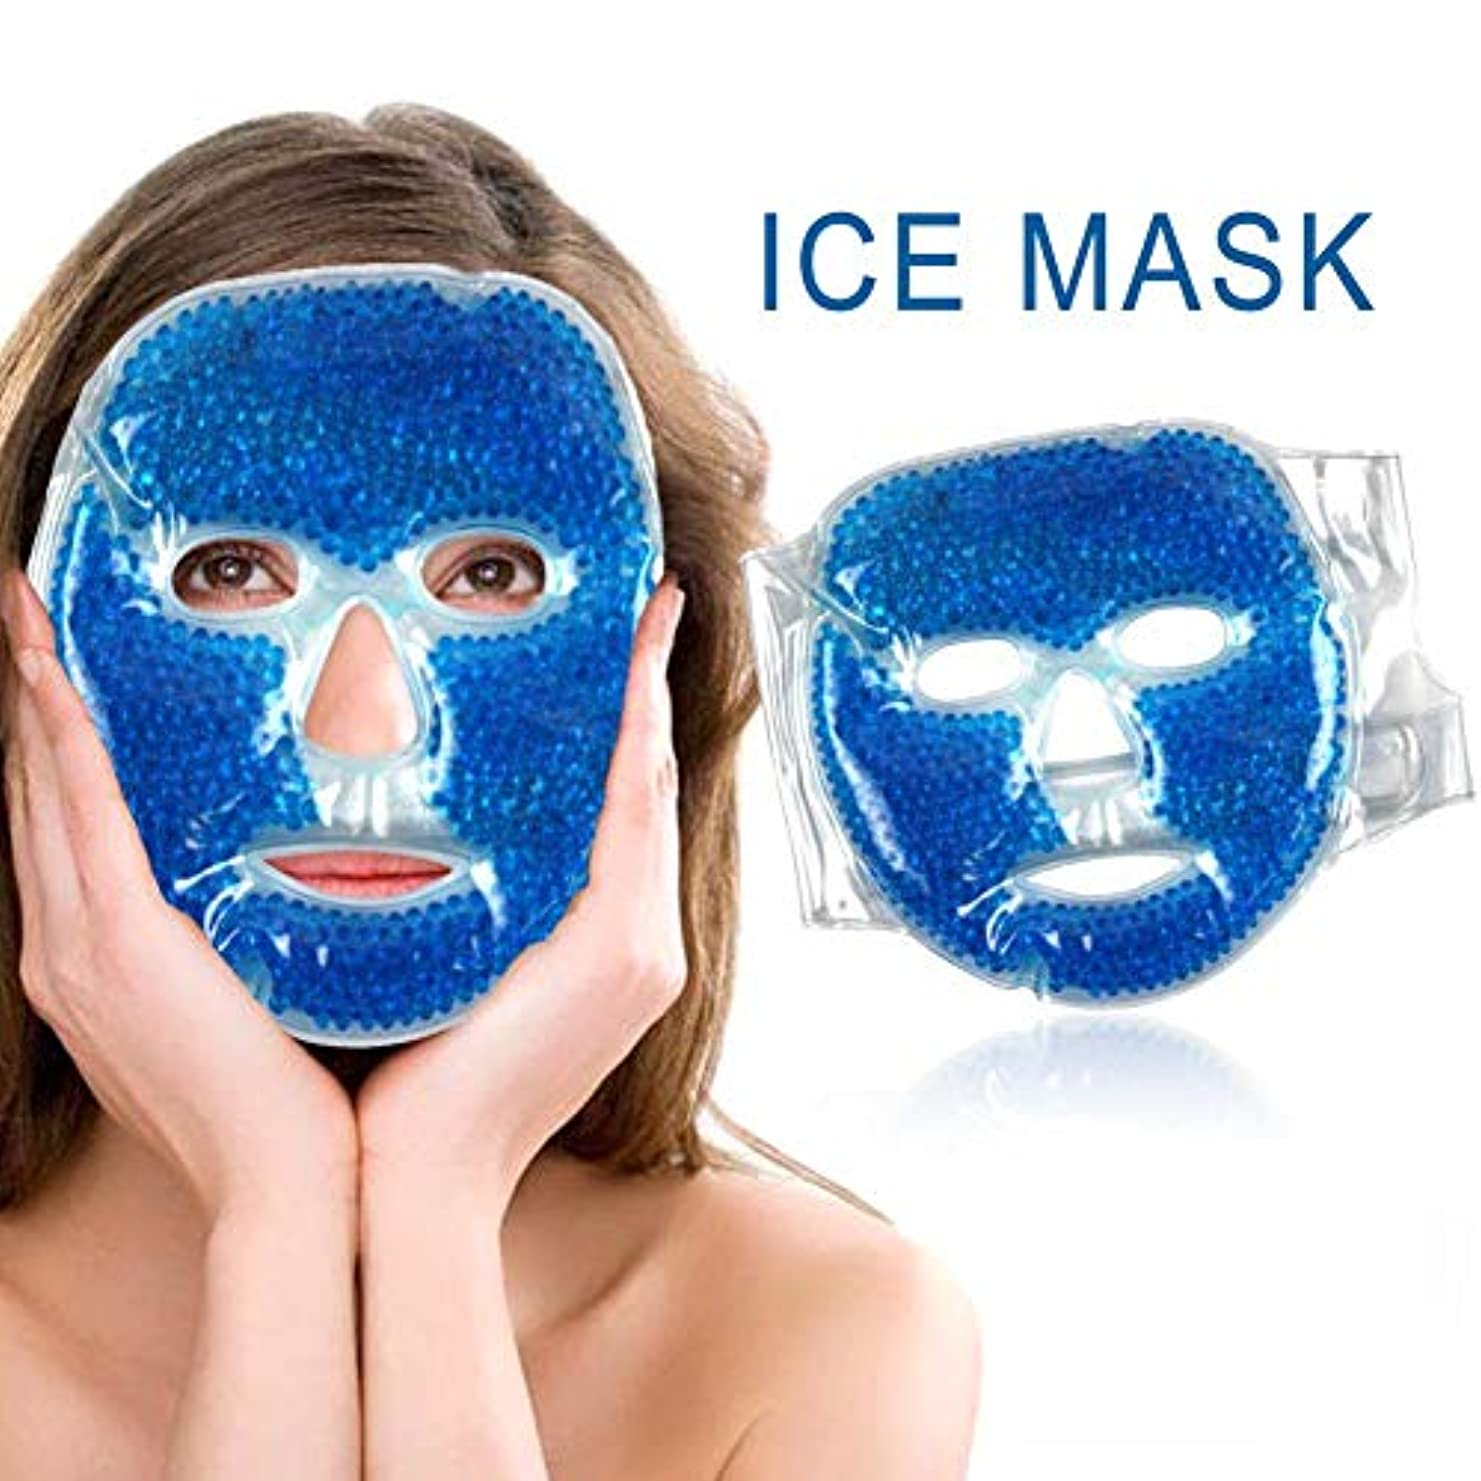 硬化するミルクファンドSILUN フェイスマスク 冷温兼用 アイスマスク 美容用 再利用可能 毛細血管収縮 疲労緩和 肌ケア 保湿 吸収しやすい 美容マッサージ